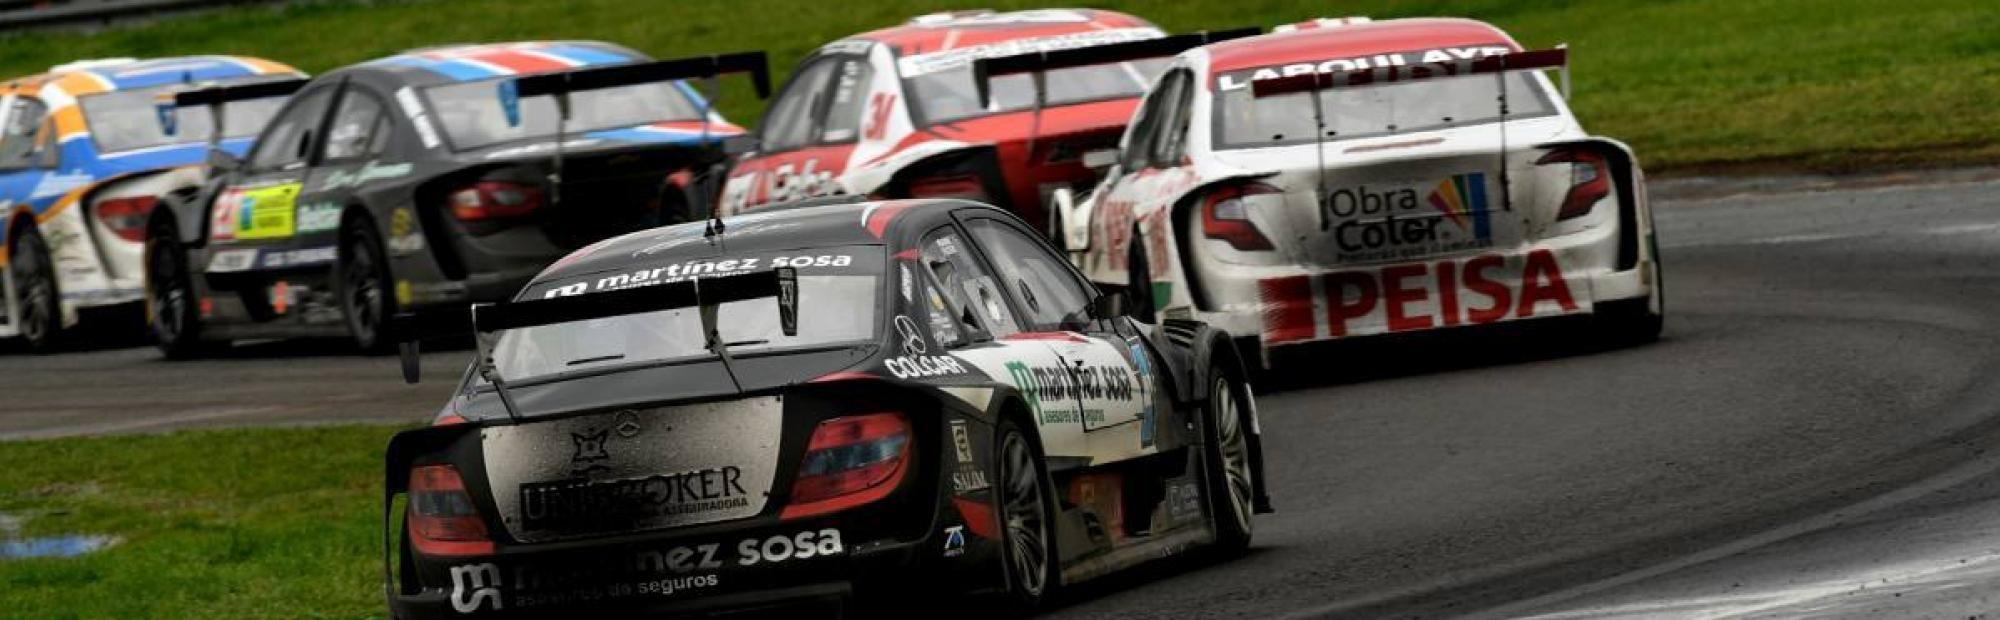 Tres pilotos con posibilidades de festejar en el Top Race